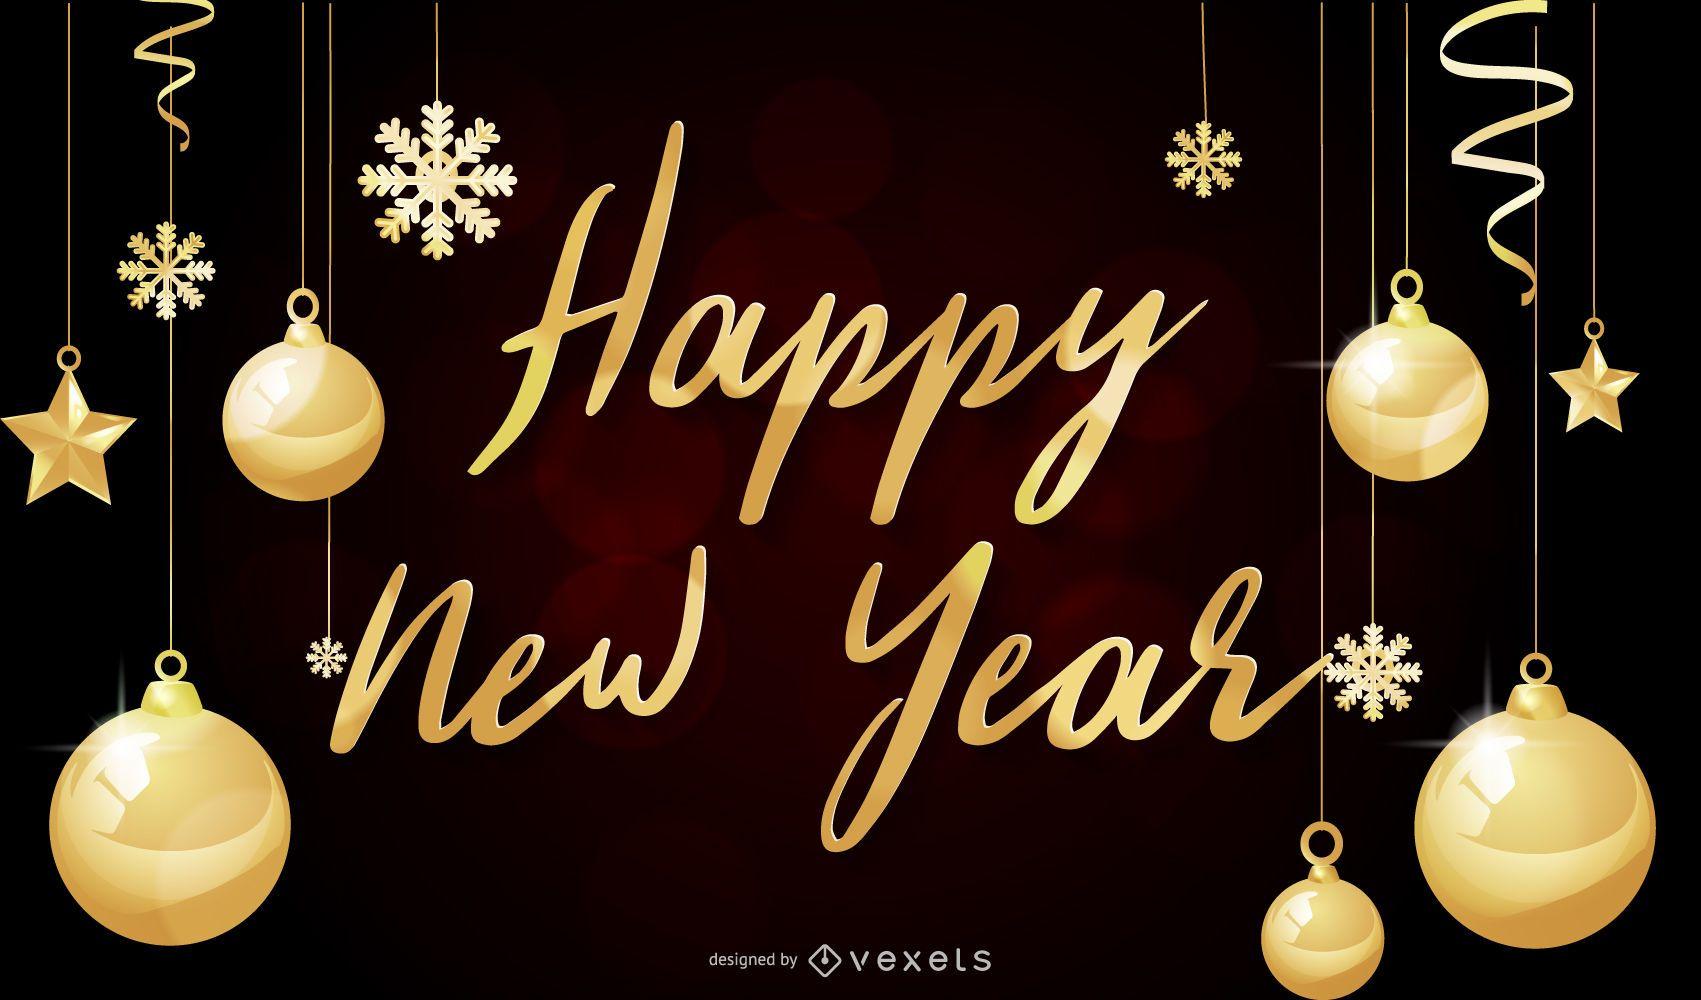 NEW YEAR VECTOR GOLDEN BALL BACKGROUND DESIGN EPS ILLUSTRATOR